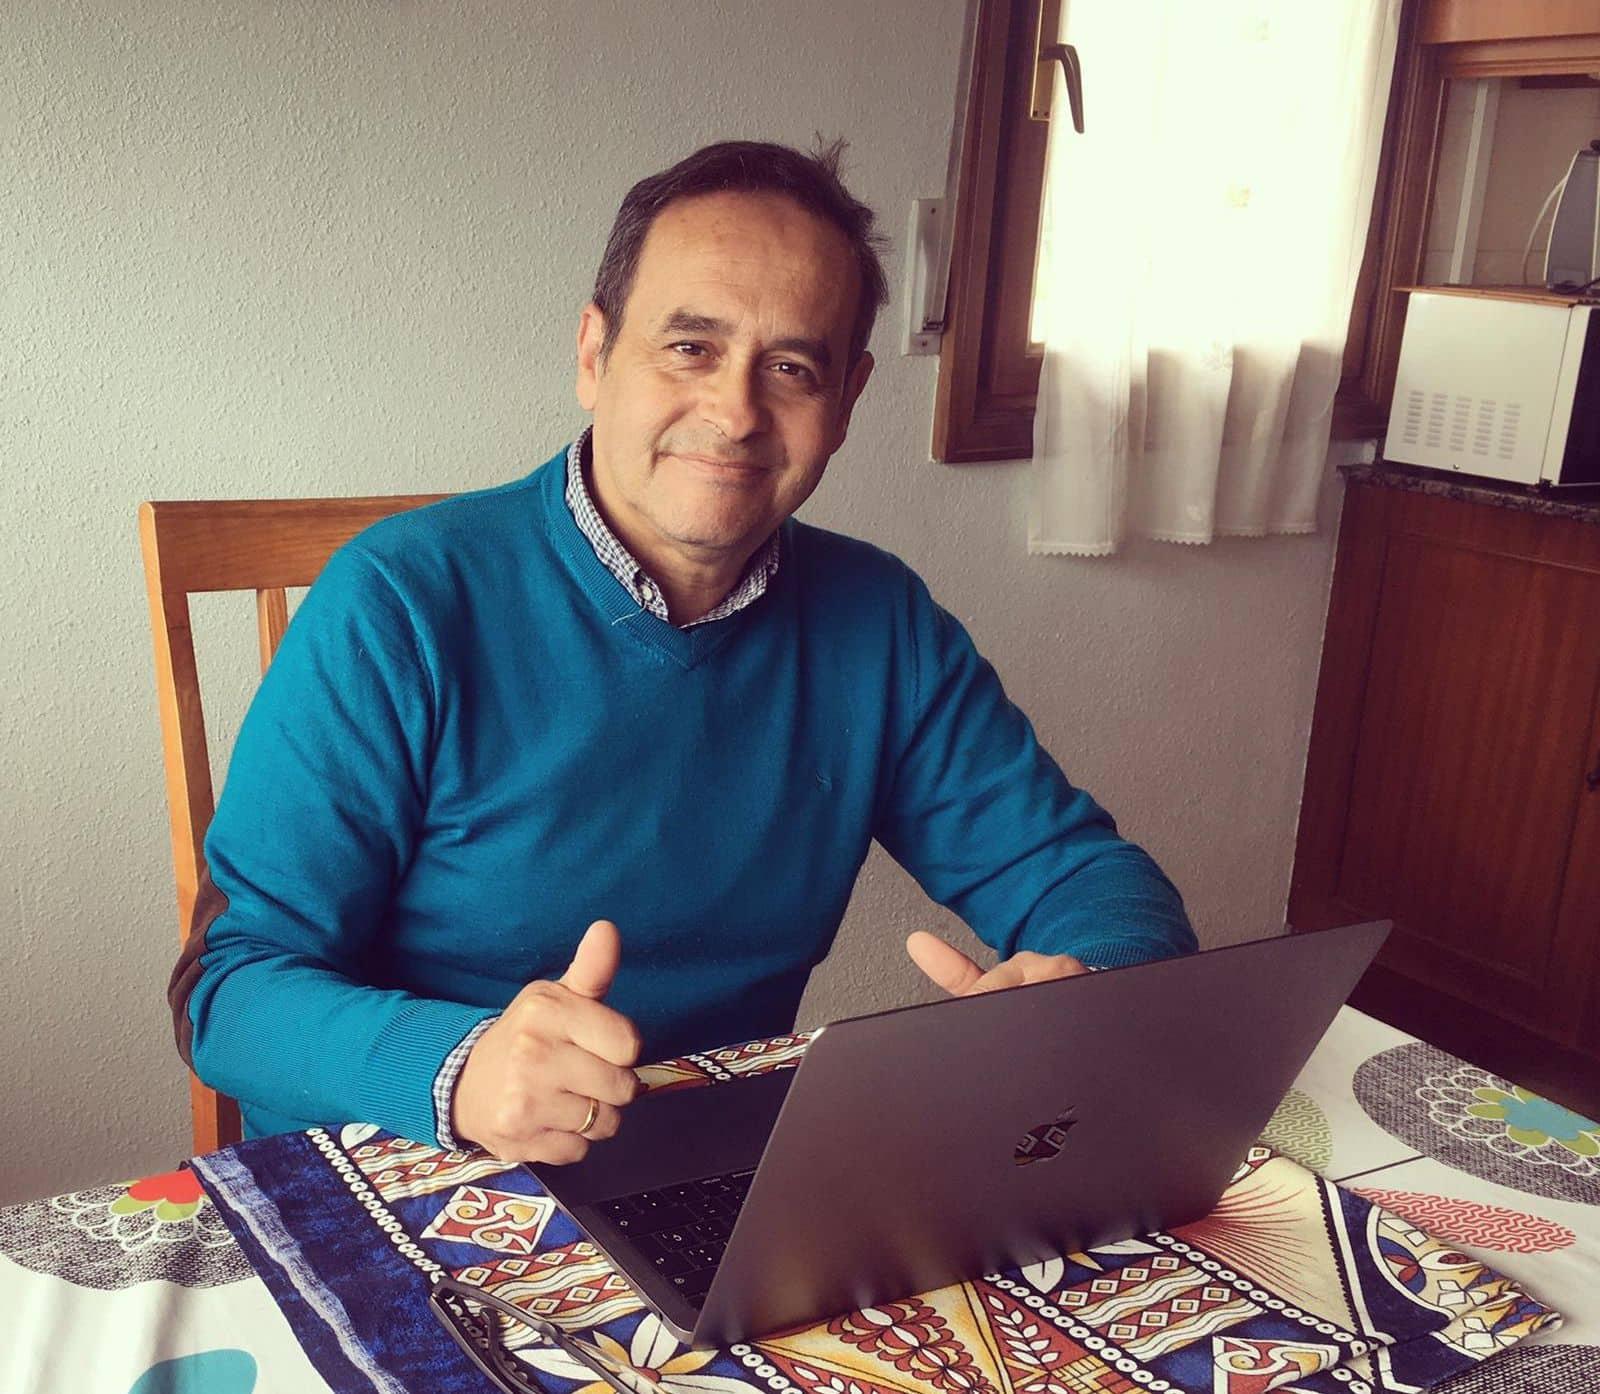 Antonio Hernandez Lobo